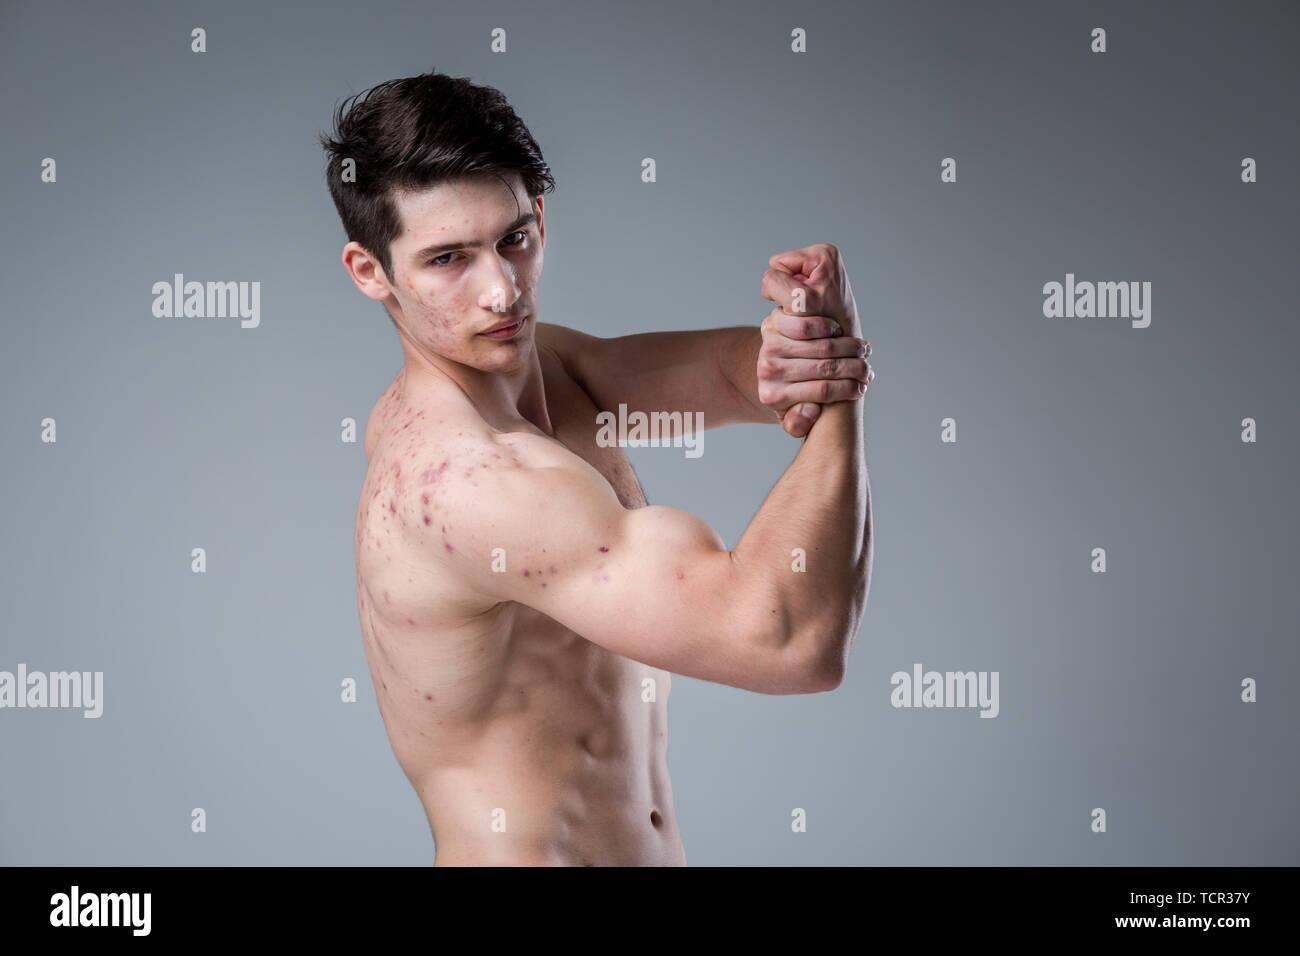 2ddde6fa3422 Ritratto in studio giovane uomo caucasico su sfondo grigio in posa. Tema  della pubertà,